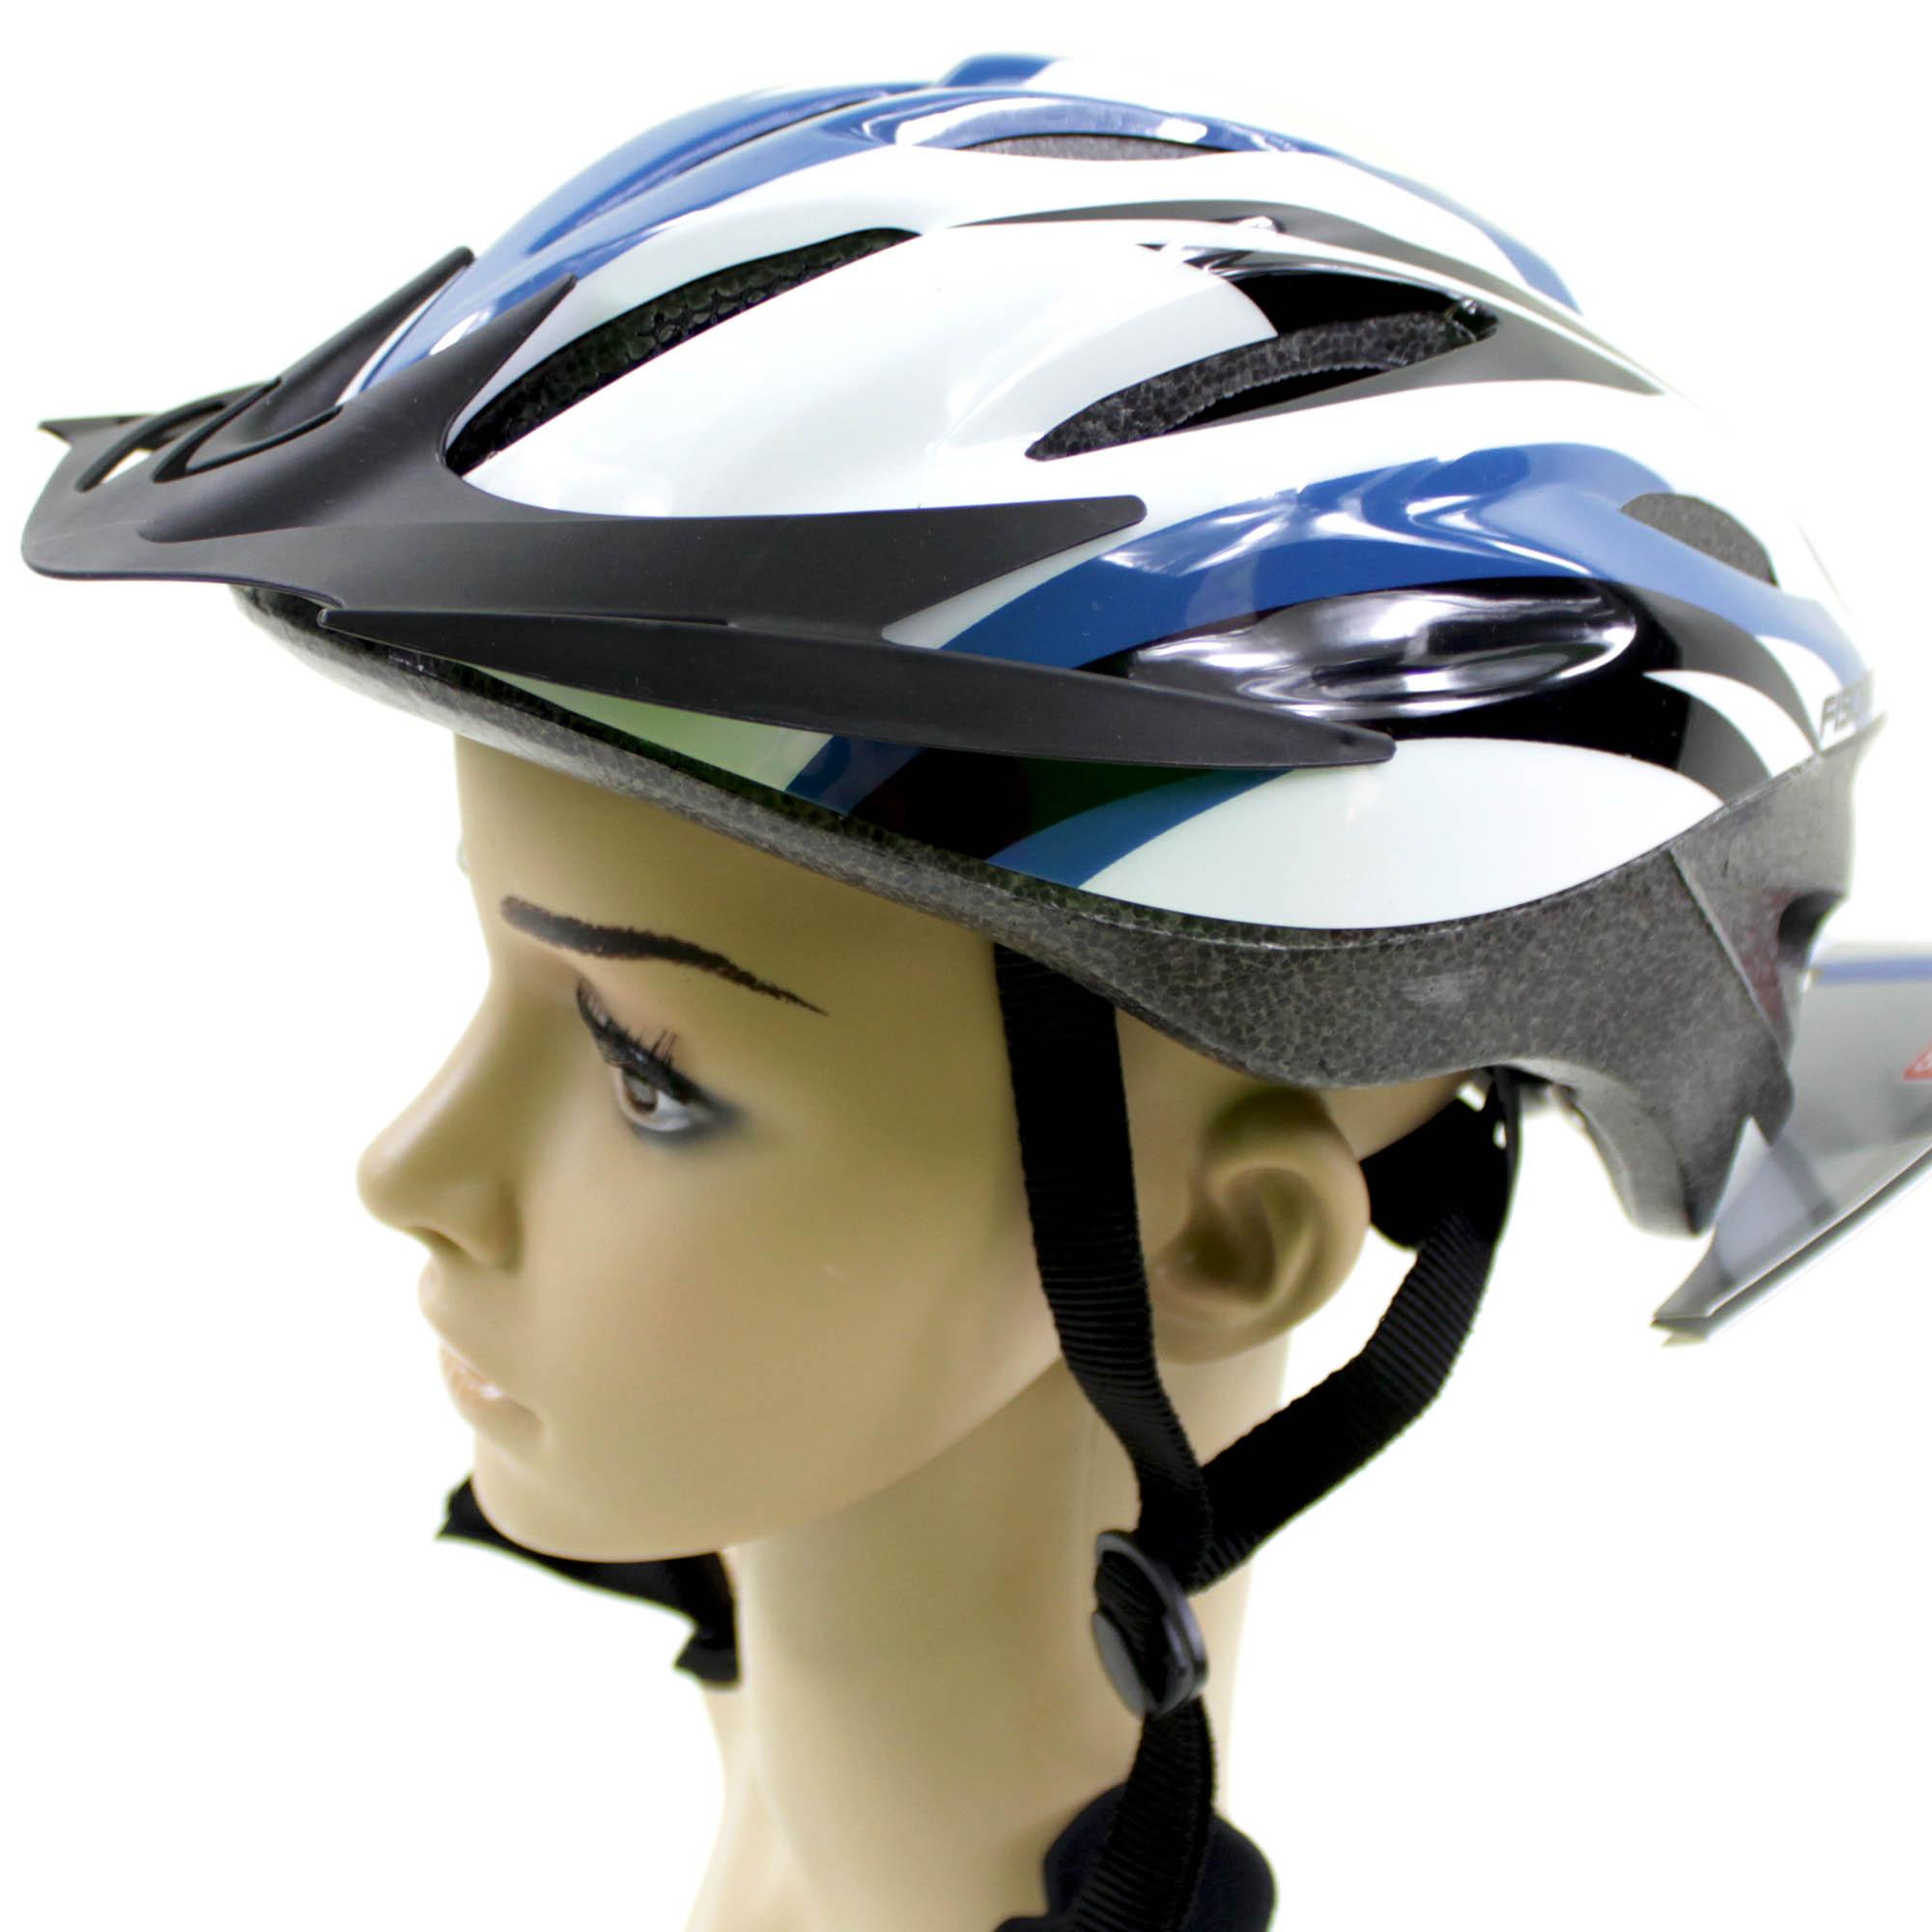 Schutzhelm Fahrradhelm Sturzhelm Fahrrad Helm  Weiß